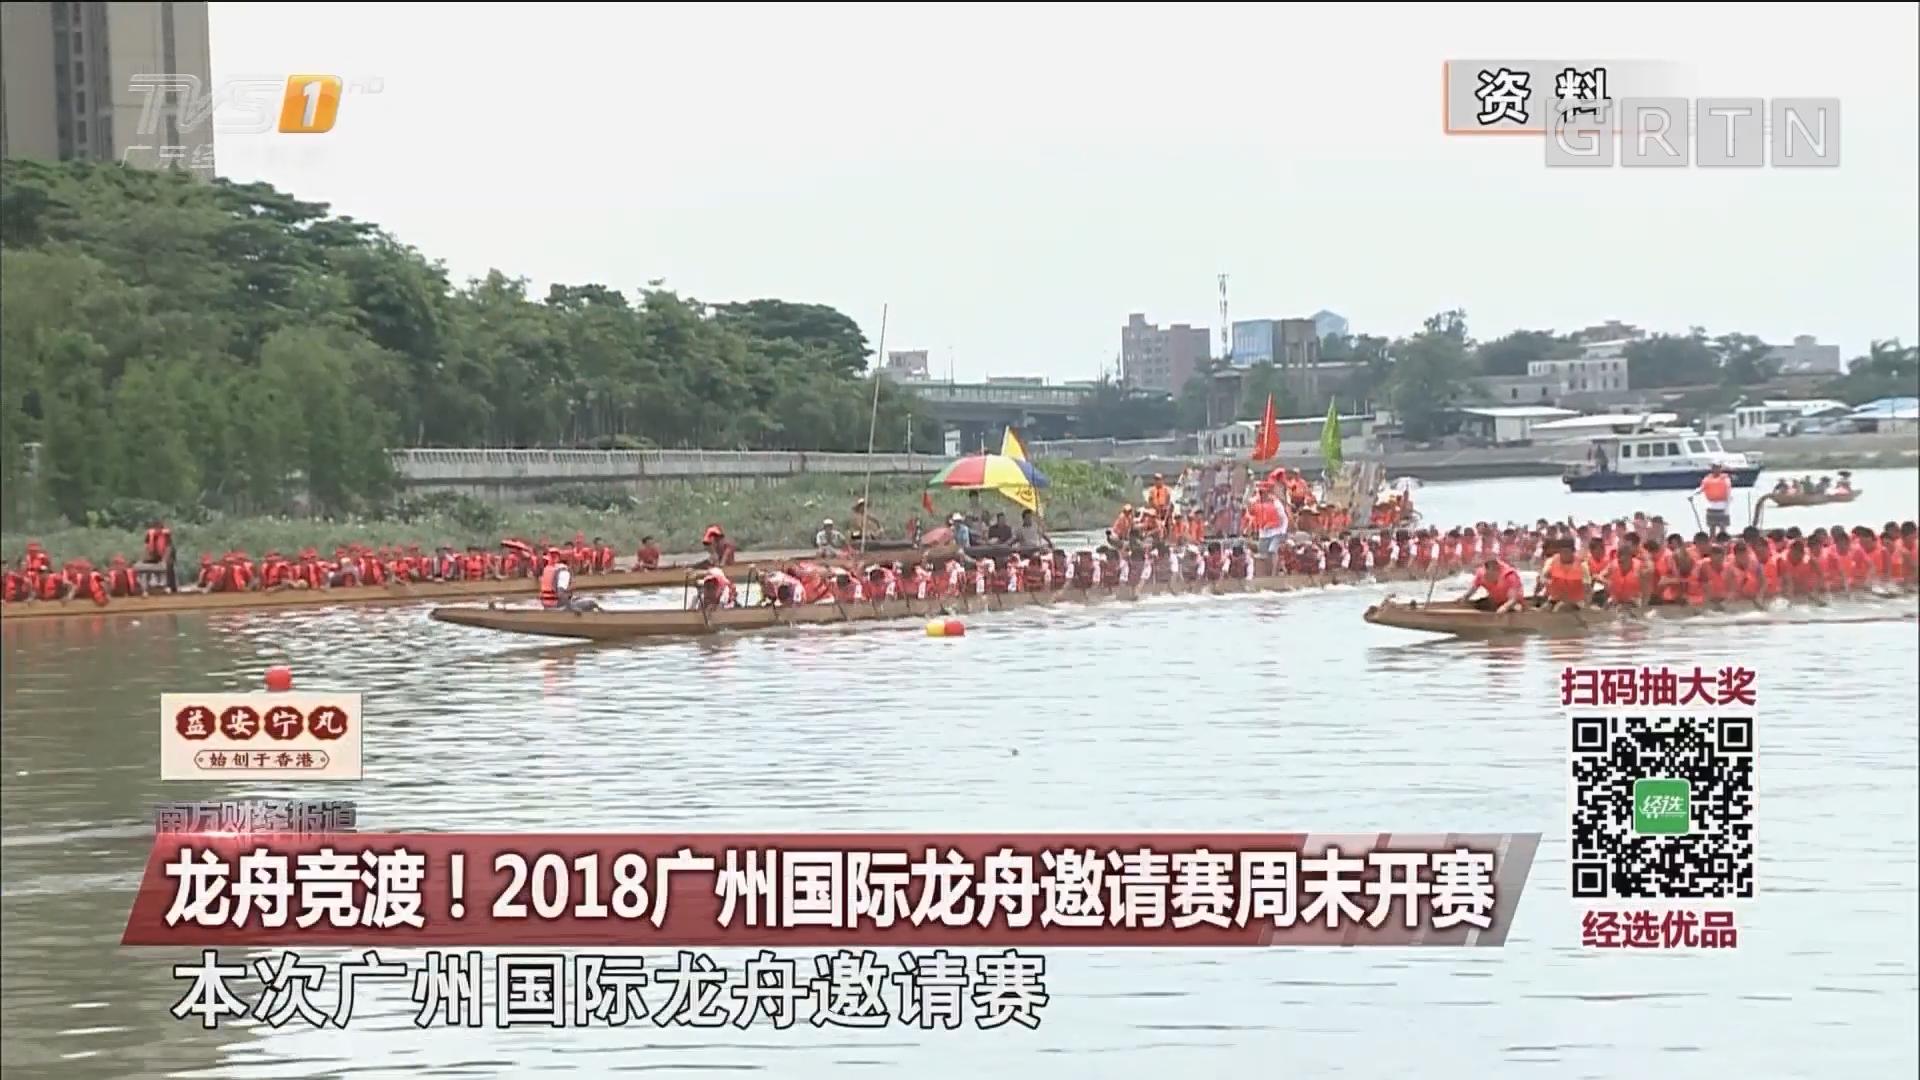 龙舟竞渡!2018广州国际龙舟邀请赛周末开赛